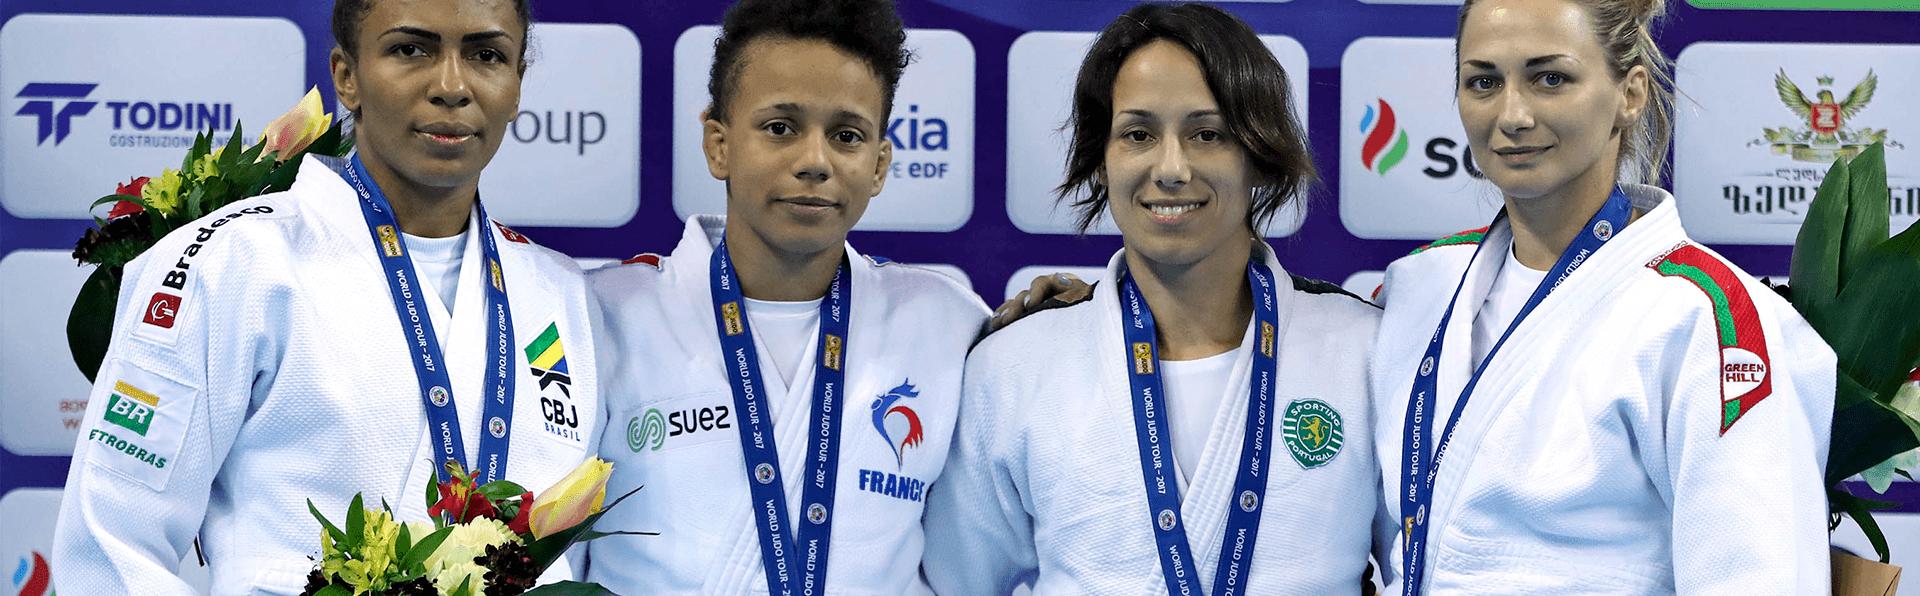 Joana Grand Prix